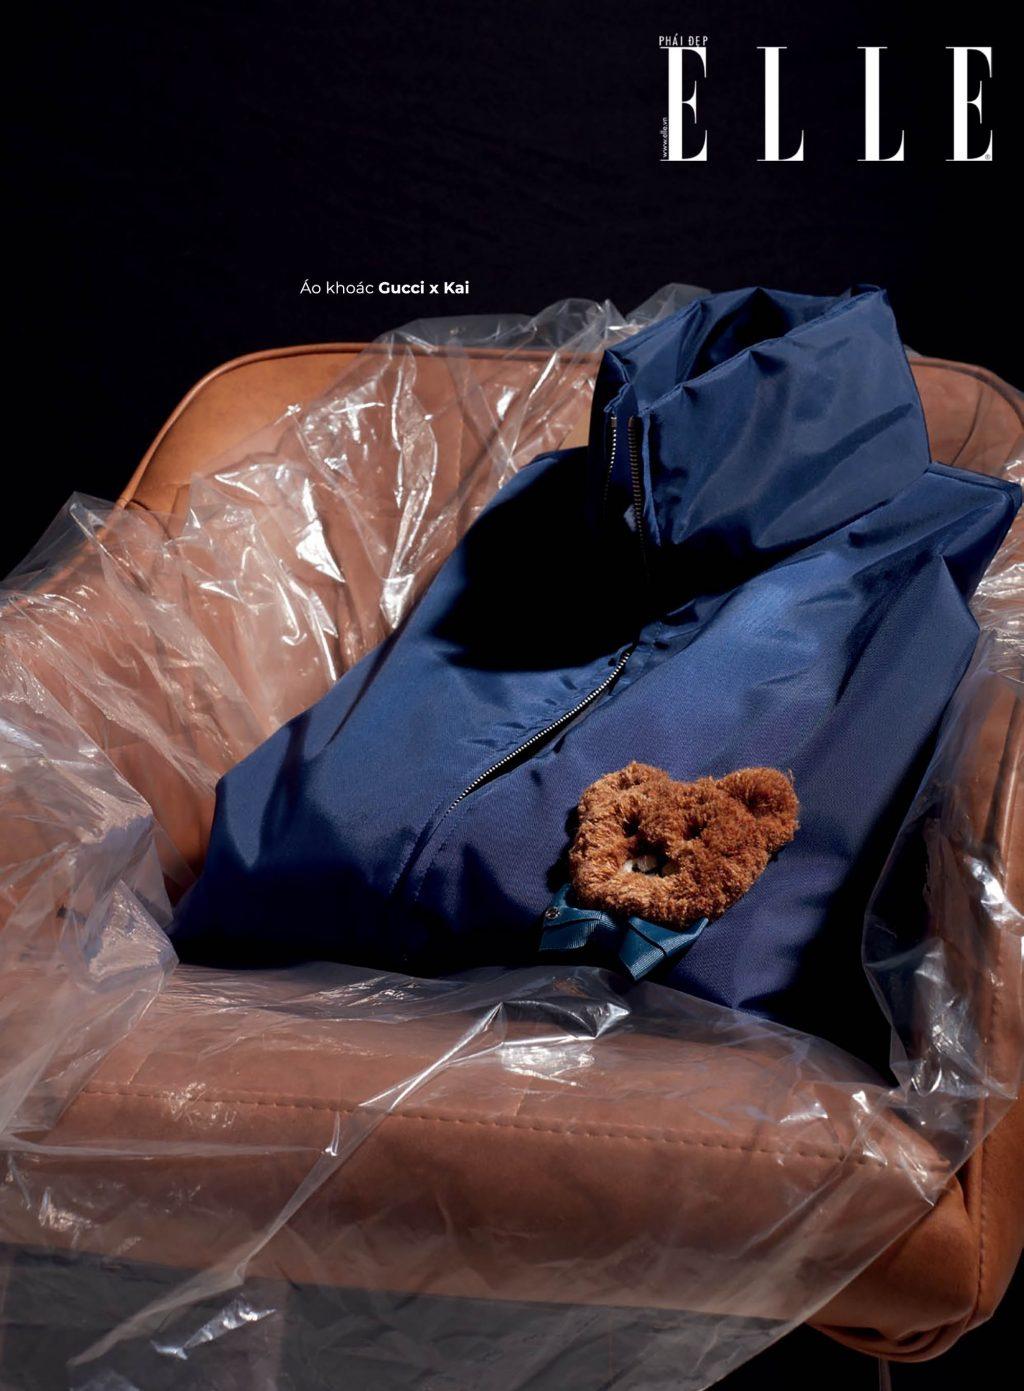 túi xách áo khoác Gucci kết hợp với Kai